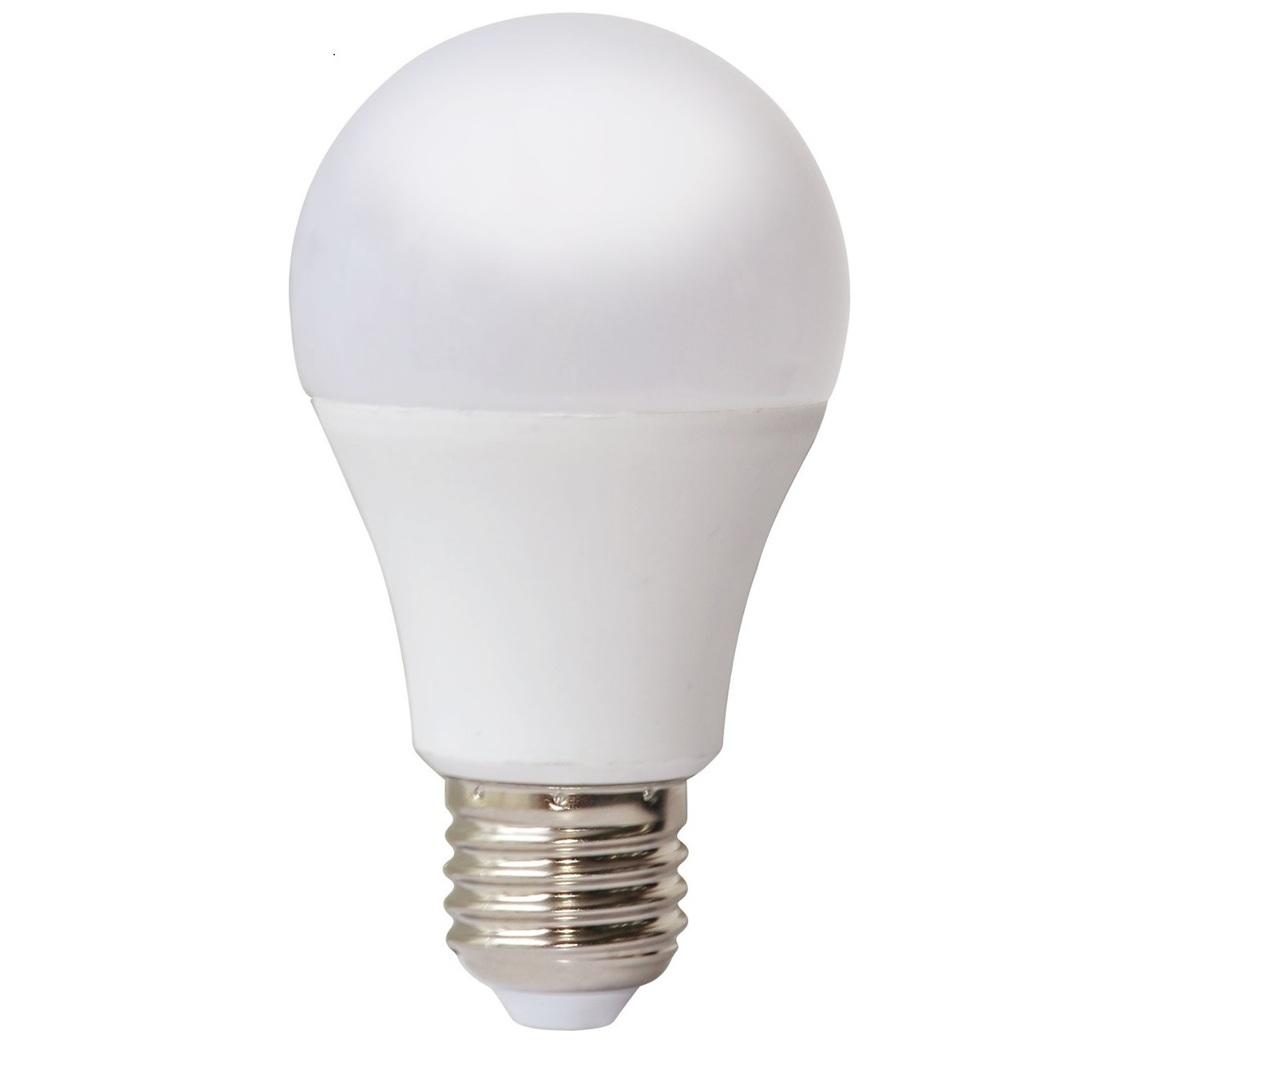 10W E27 A60 Led Bulb. Color: Cold